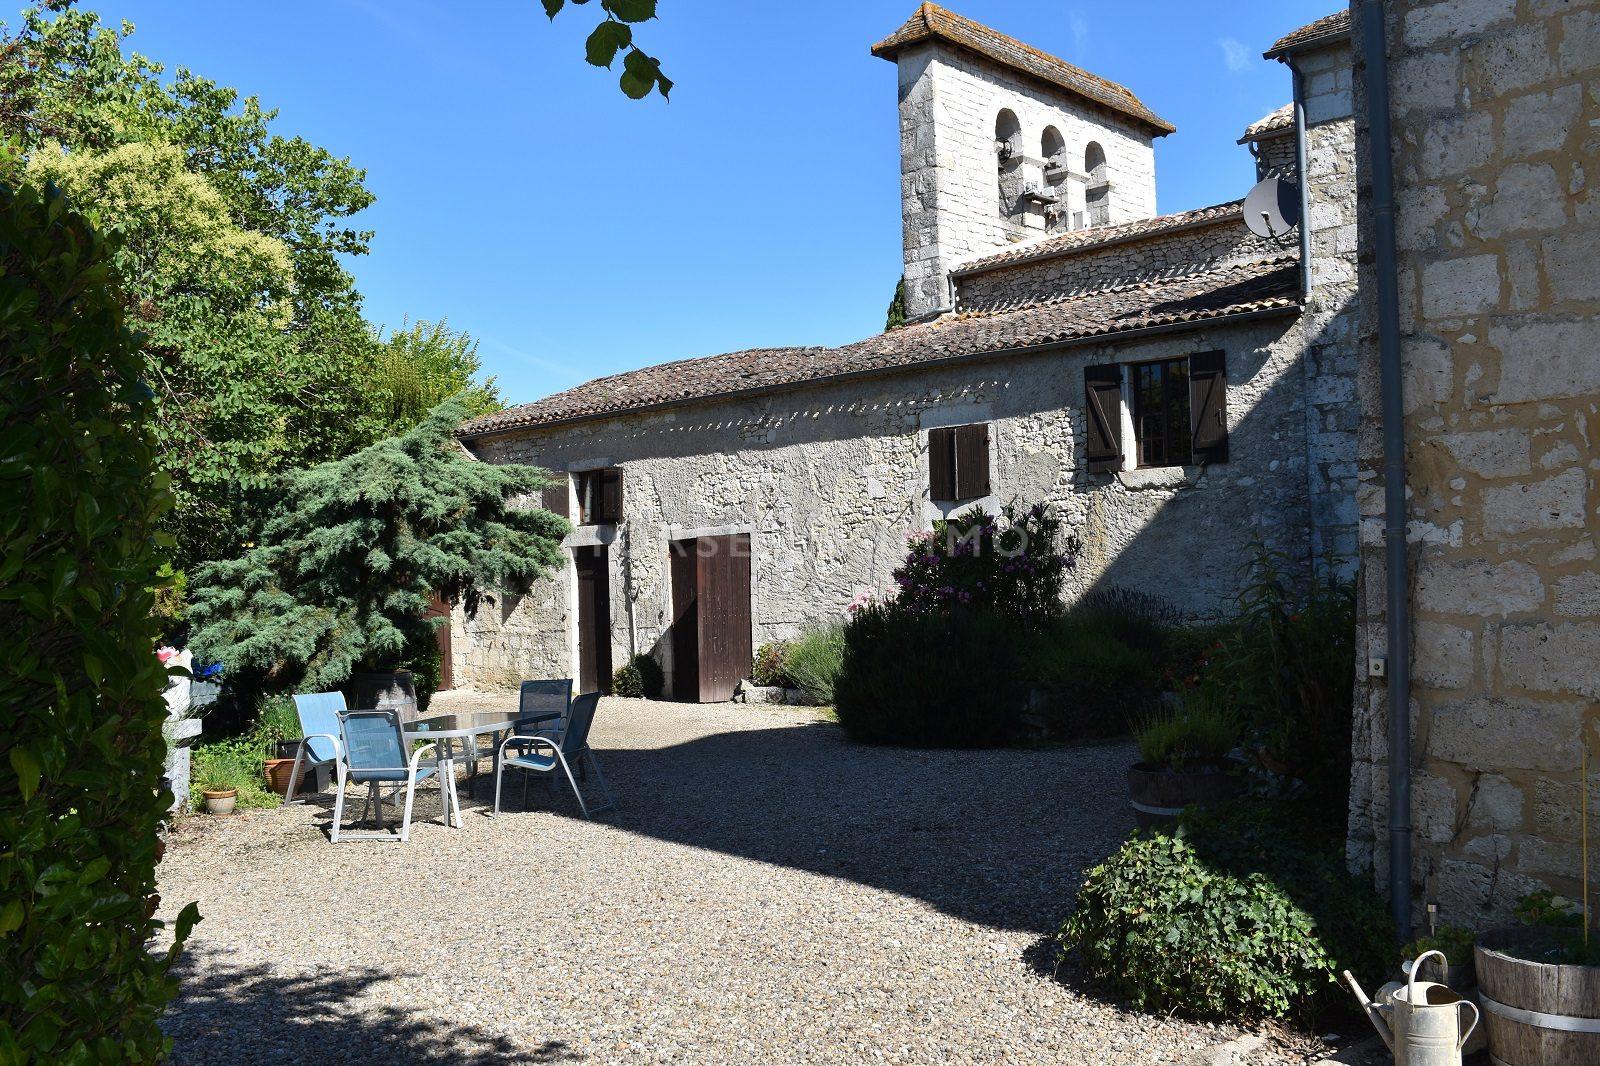 1615905930 VM1712 5 original - Château de 340m² sur 3.5ha à 15 min de Bergerac